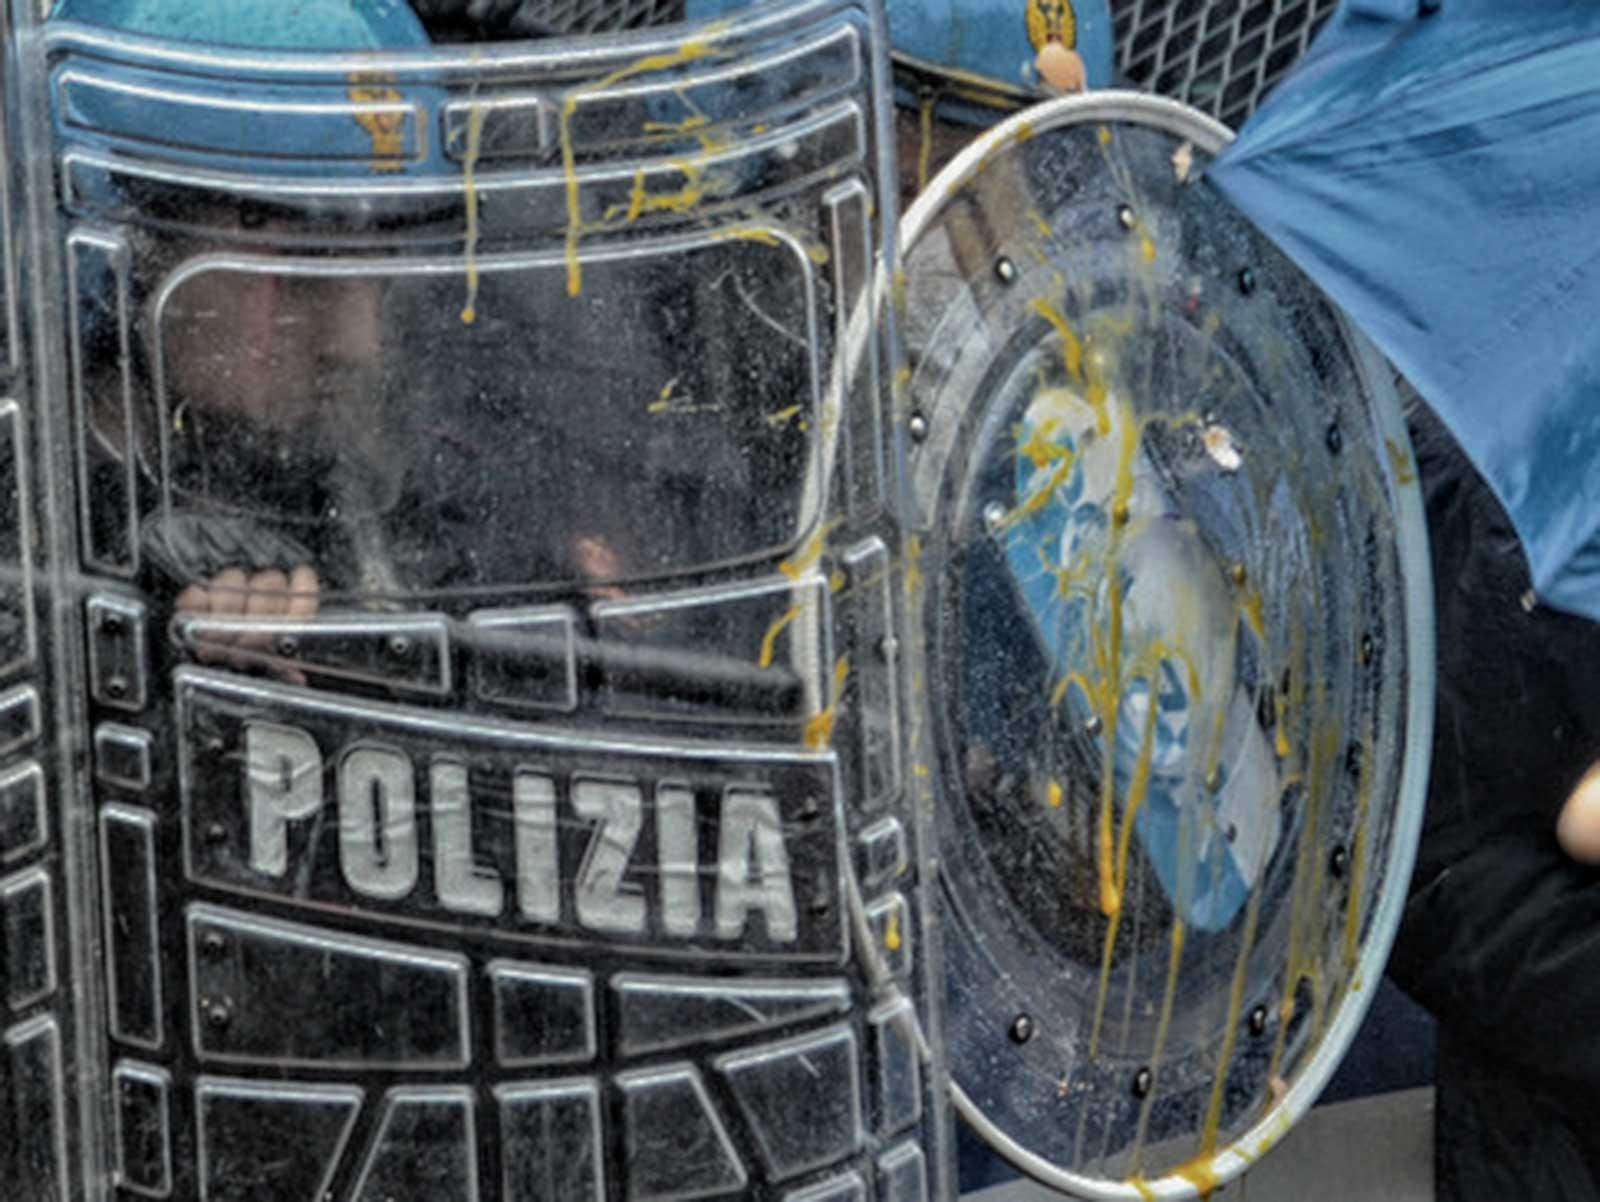 NO TAV Torino uova polizia